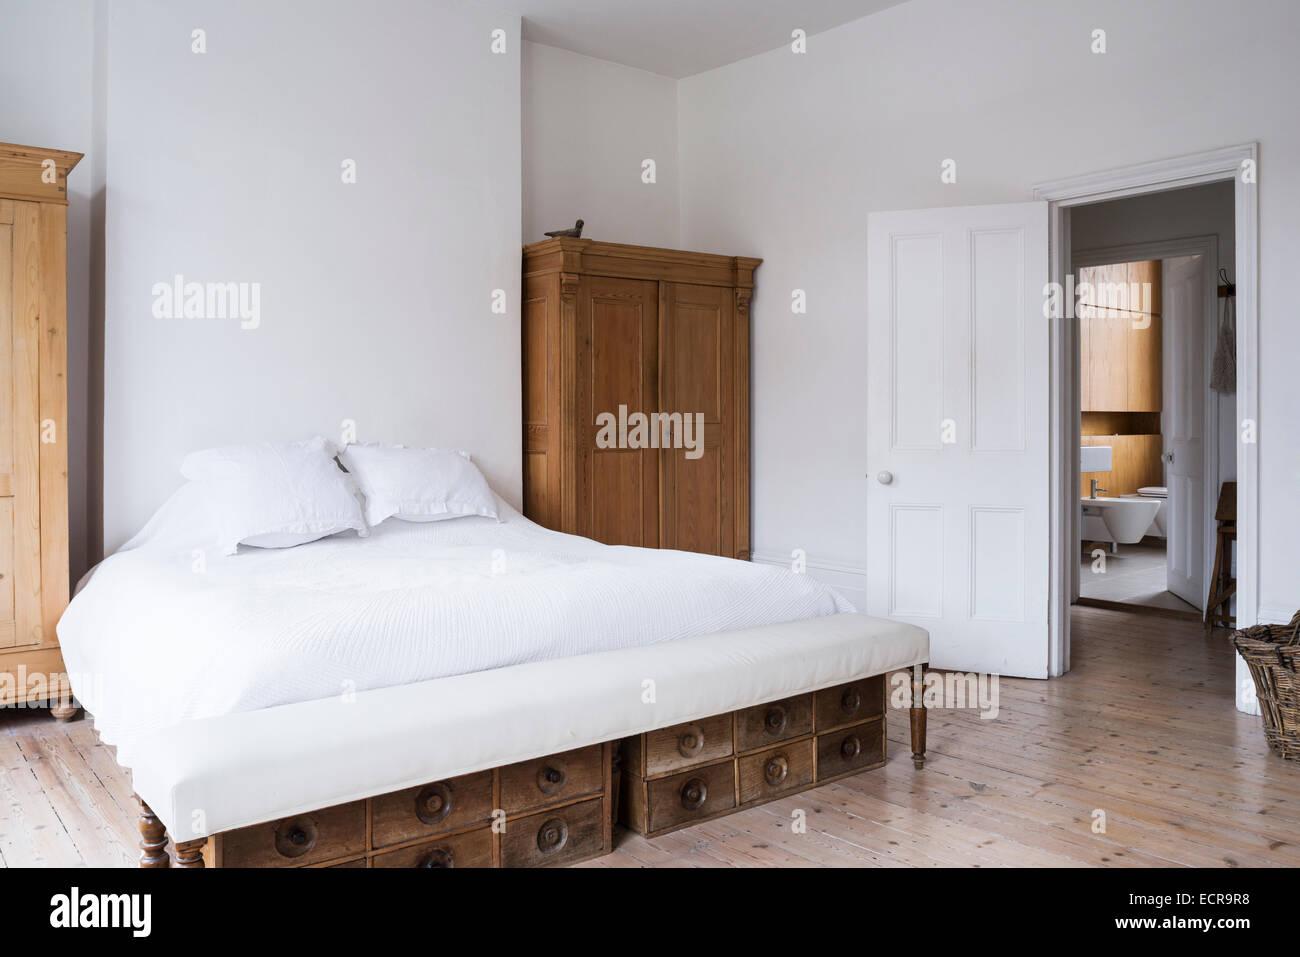 Camere Da Letto Bianche : Grande letto bianco in bianco minimo camera da letto con armadi in